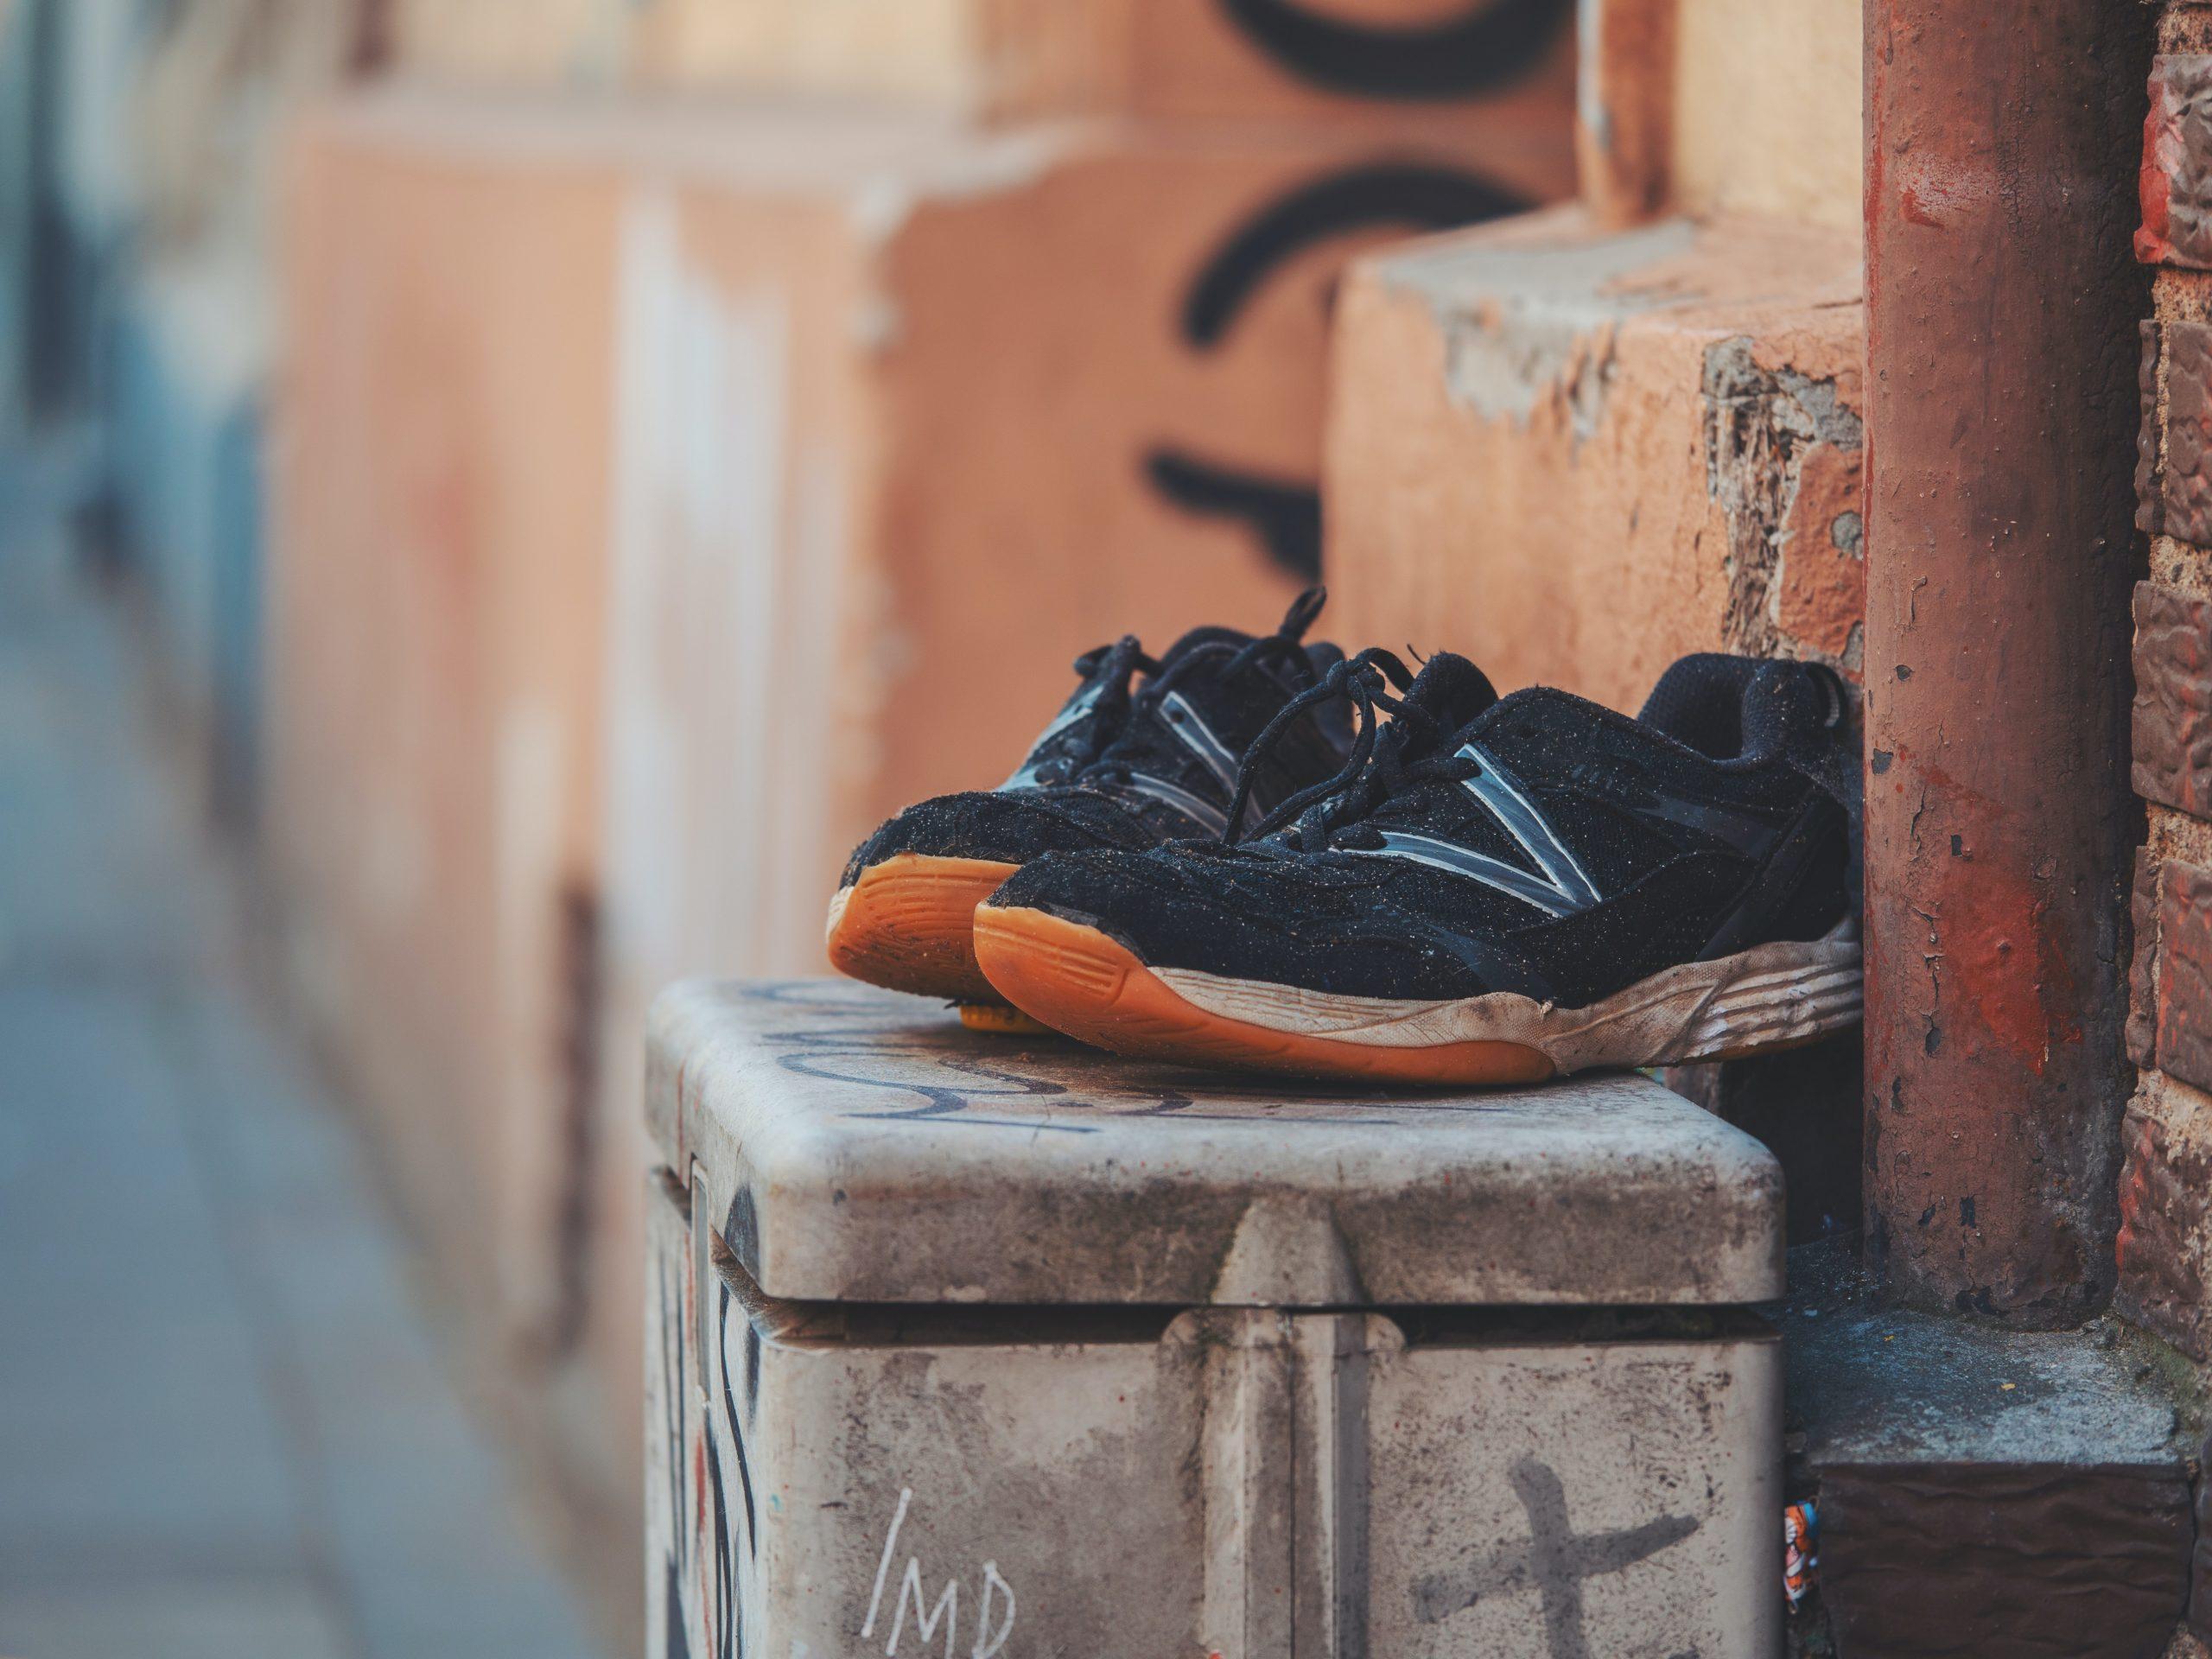 dlaczego buty zchińskiego marketu mają niełady zapach